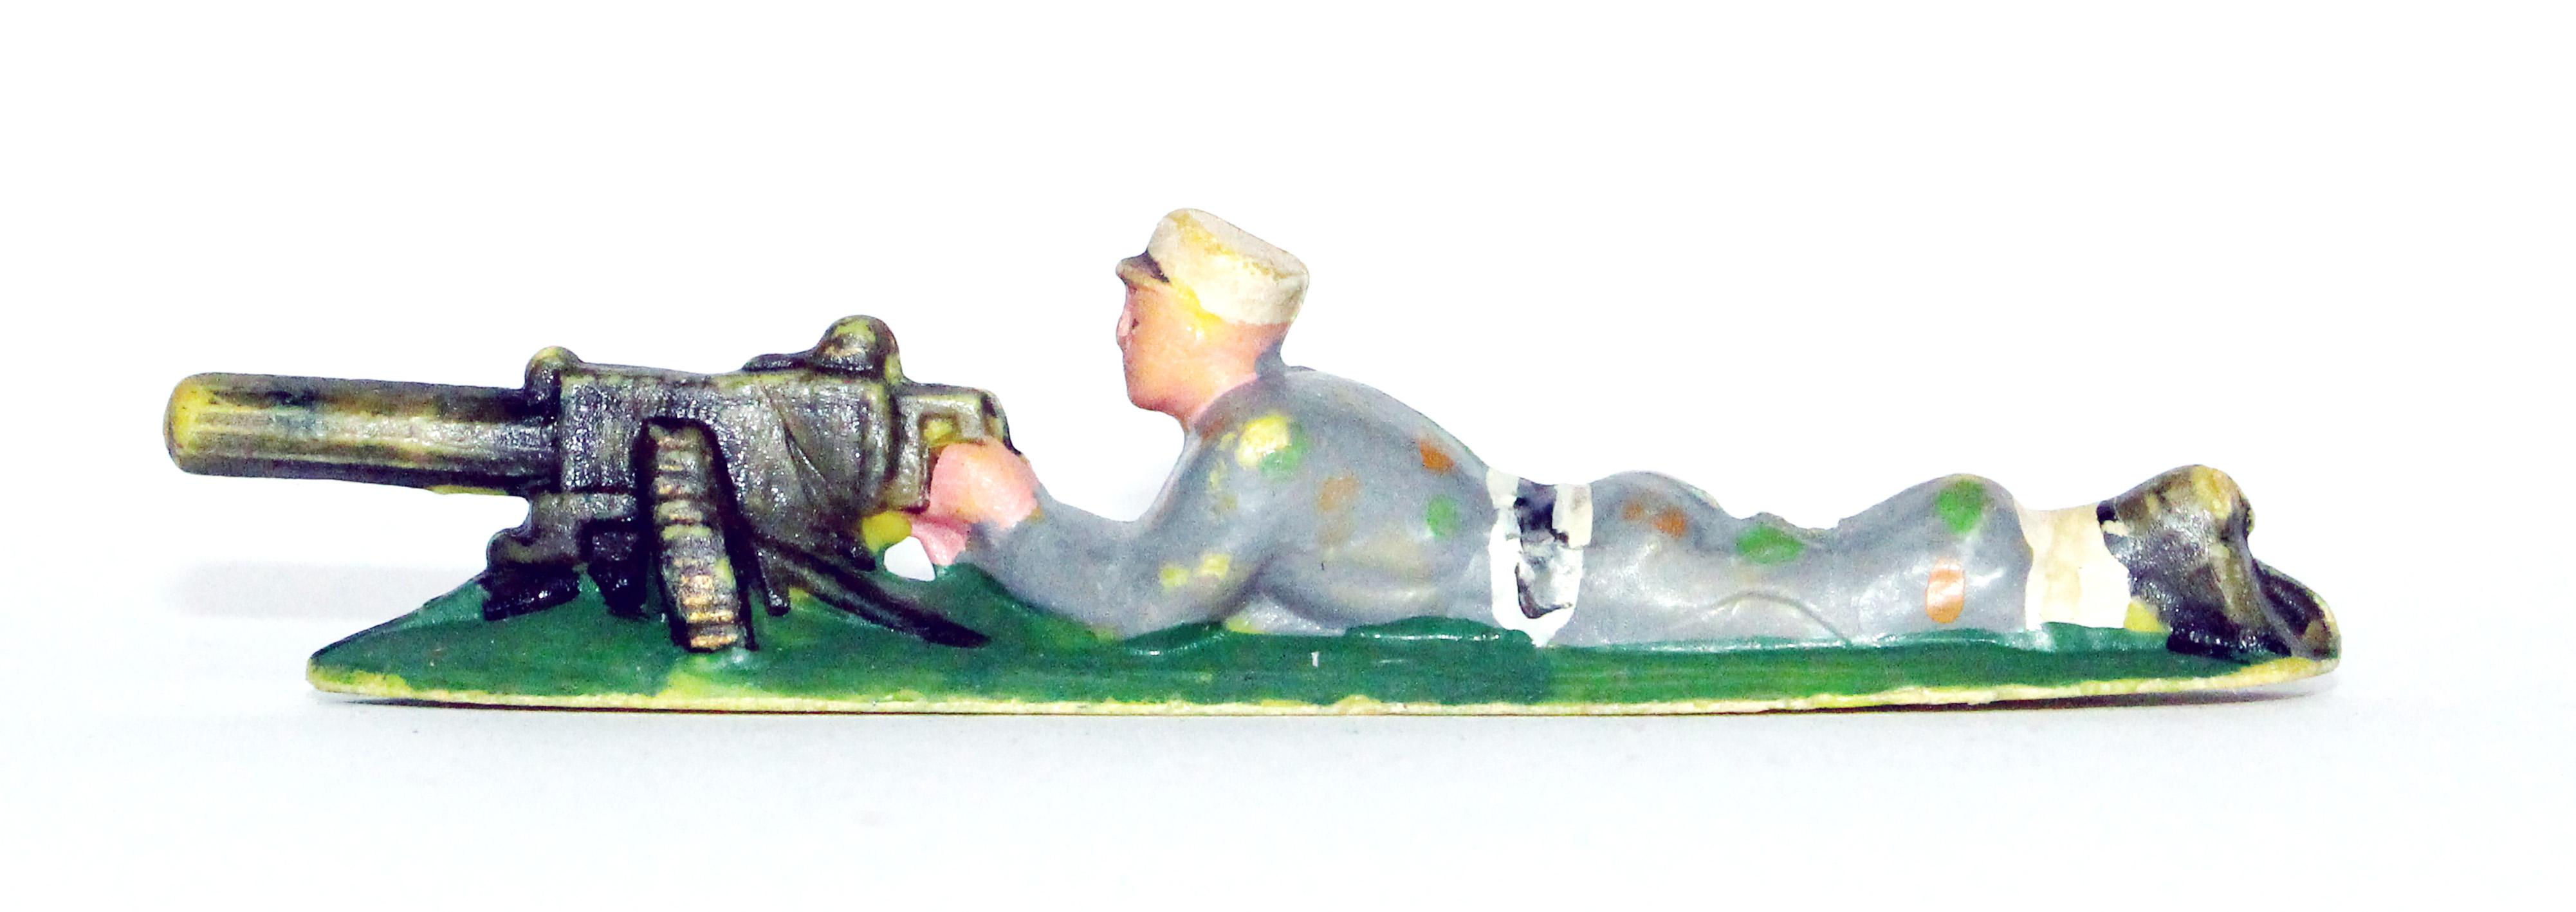 Figurine Ancienne Plastique - Légion Etrangère - Année 50/60